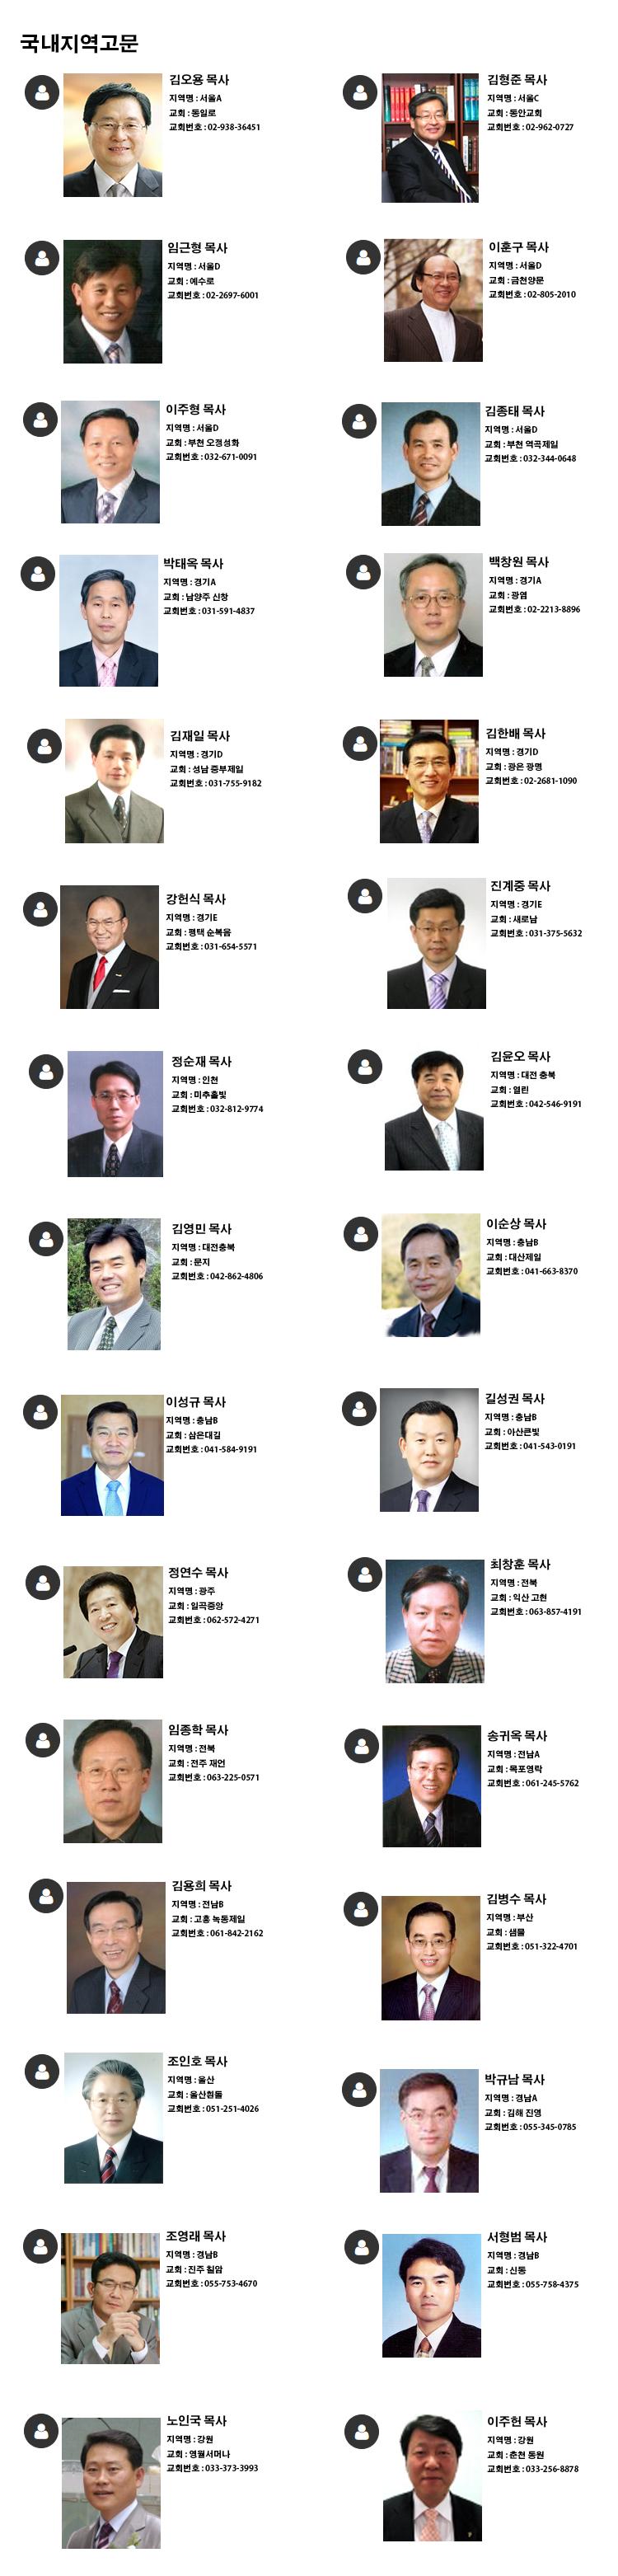 two-net-1국내-2국내지역고문-201224